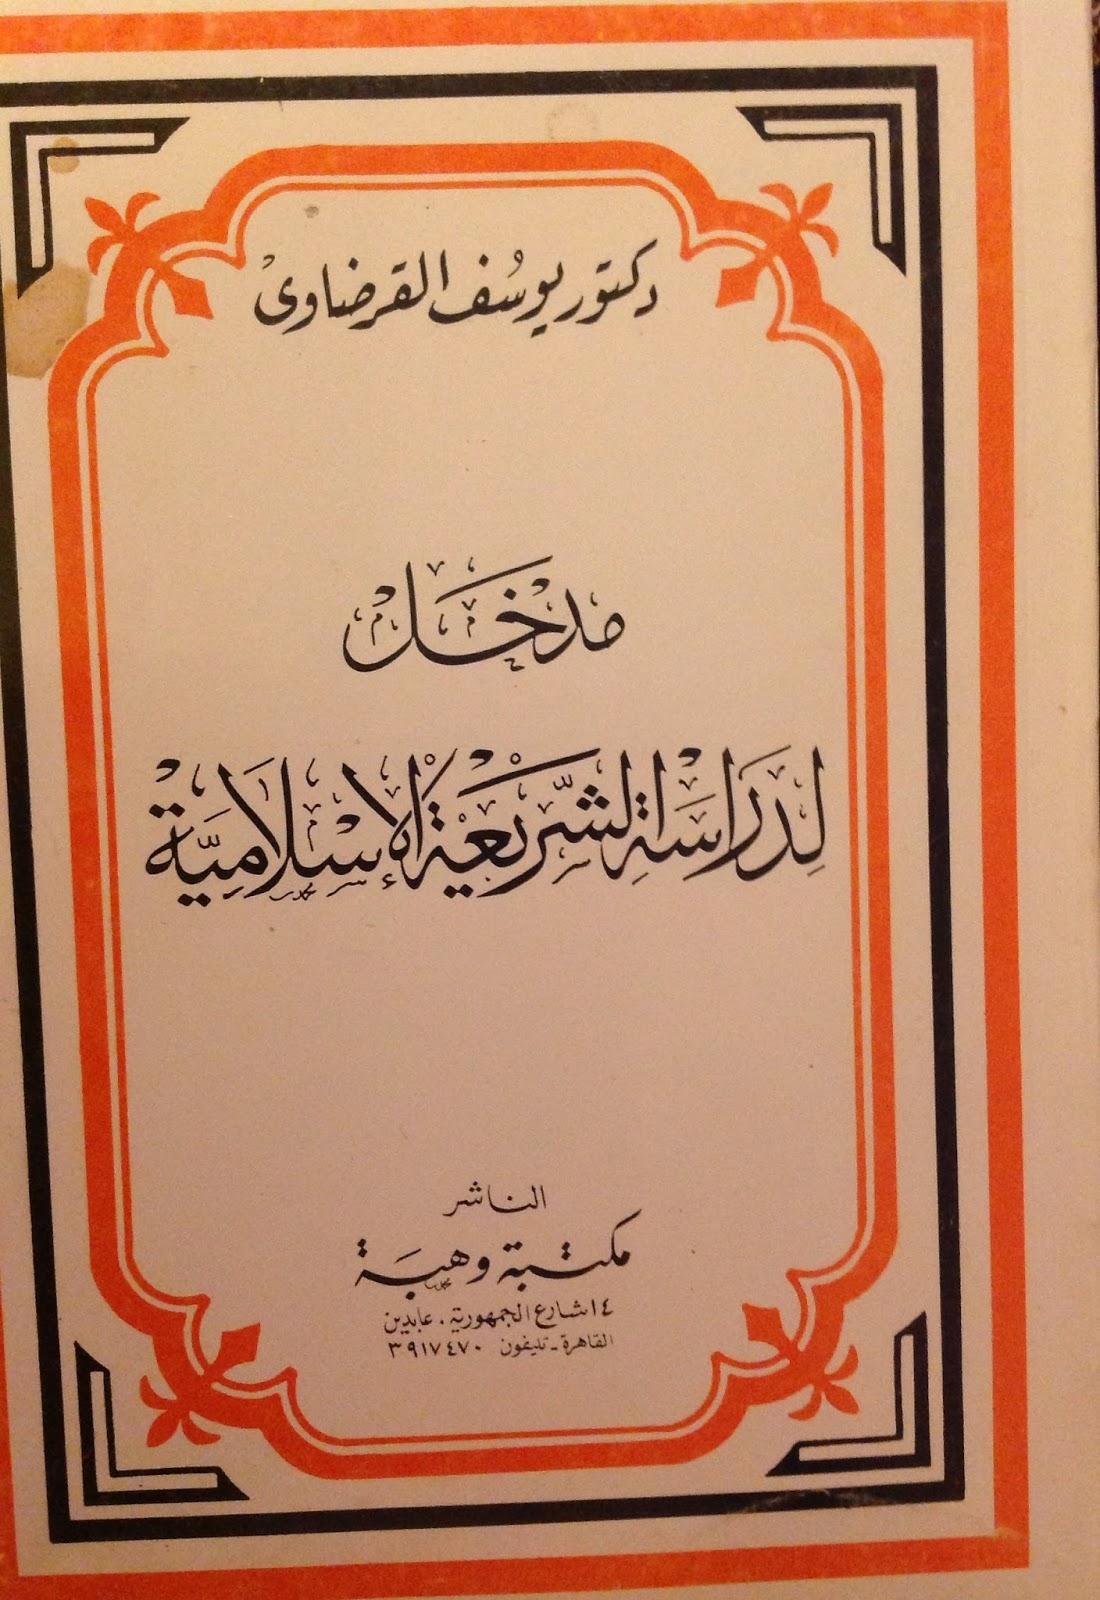 كتاب مدخل لدراسة الشريعة الإسلامية S1